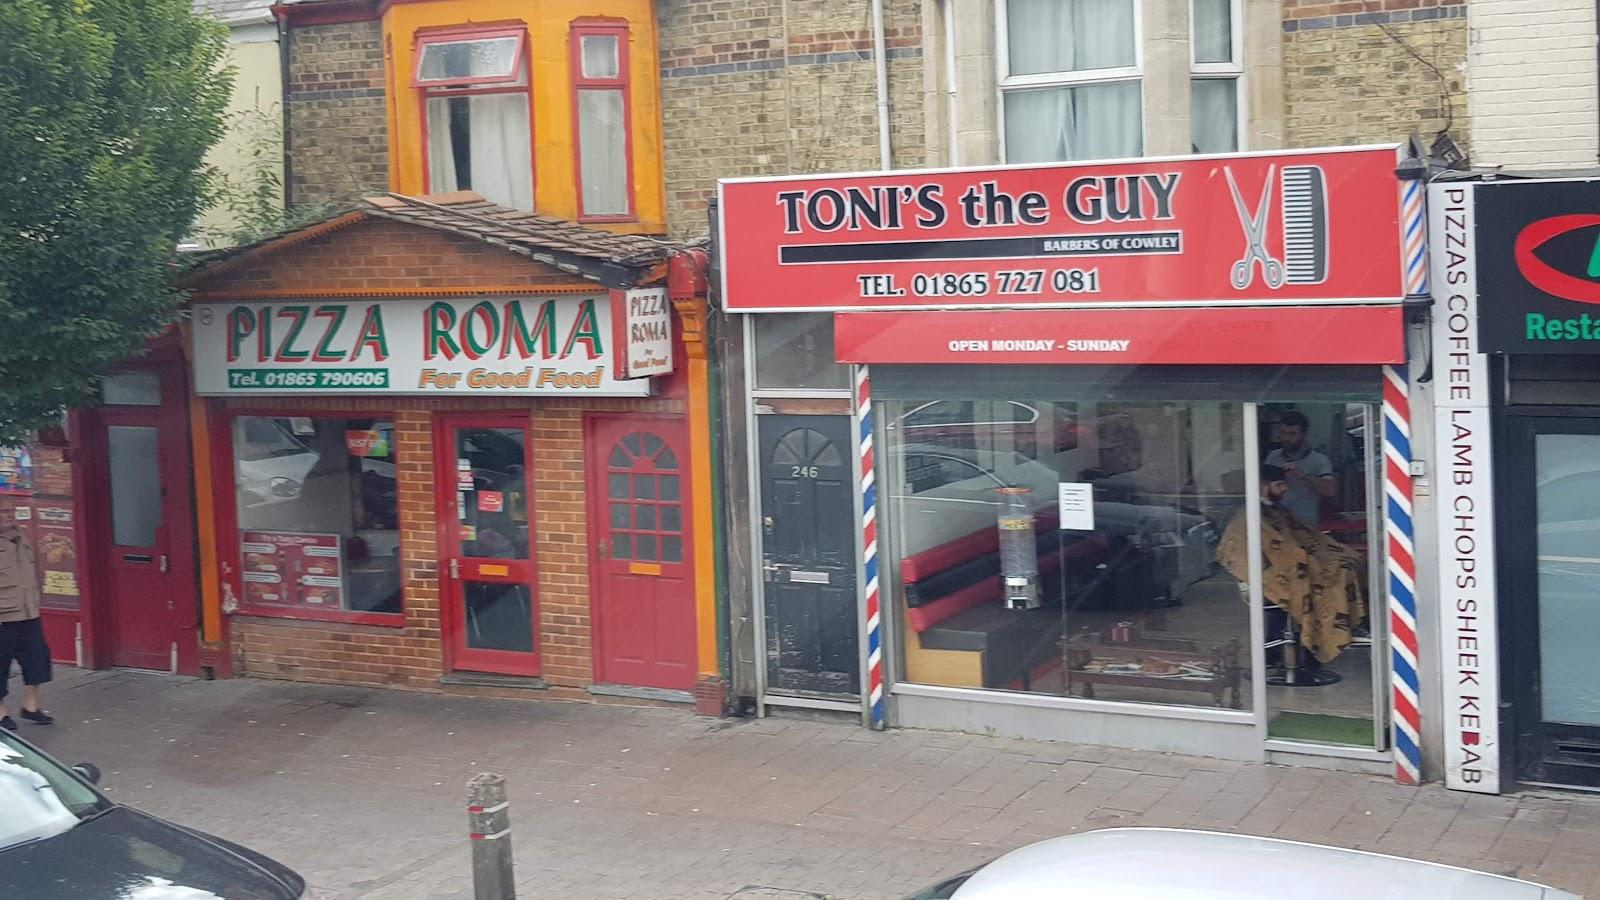 Toni's The Guy